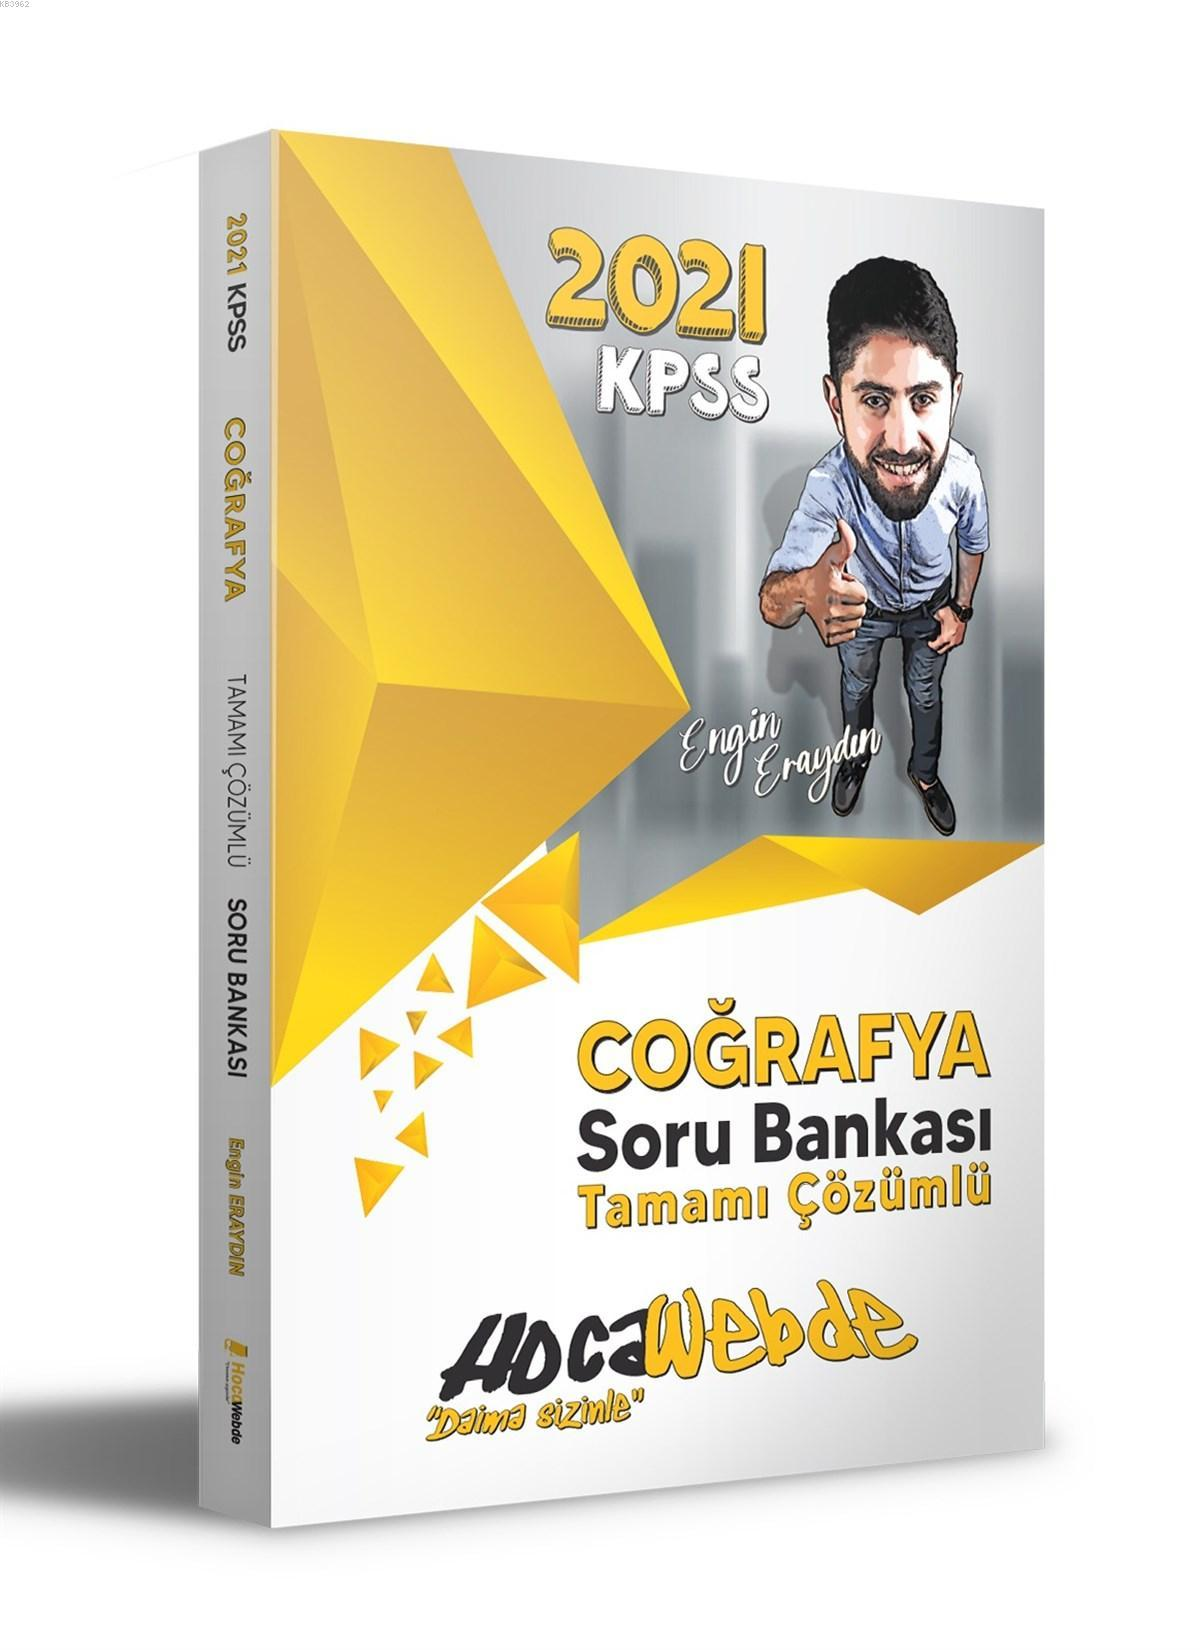 HocaWebde Yayınları 2021 KPSS Coğrafya Soru Bankası